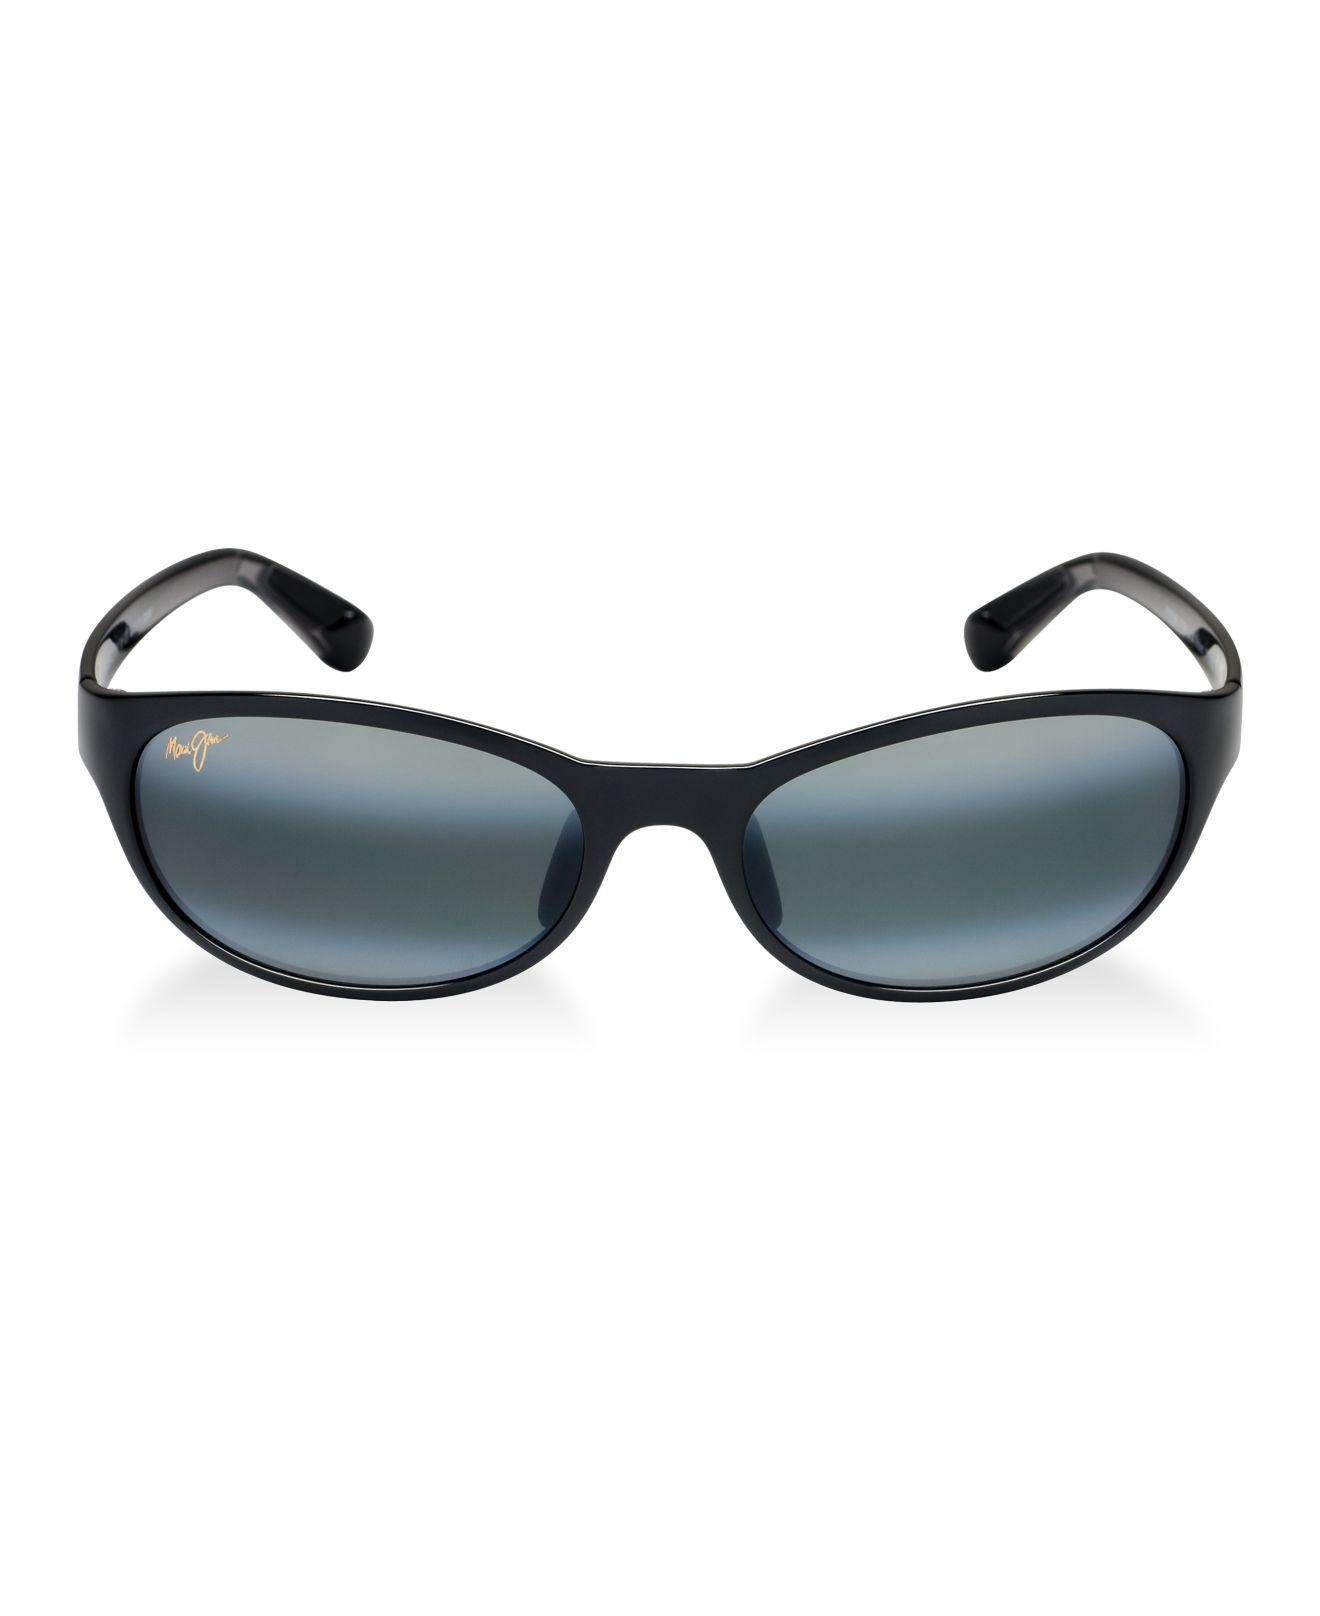 b8b328056f8 Lyst - Maui Jim Sunglasses